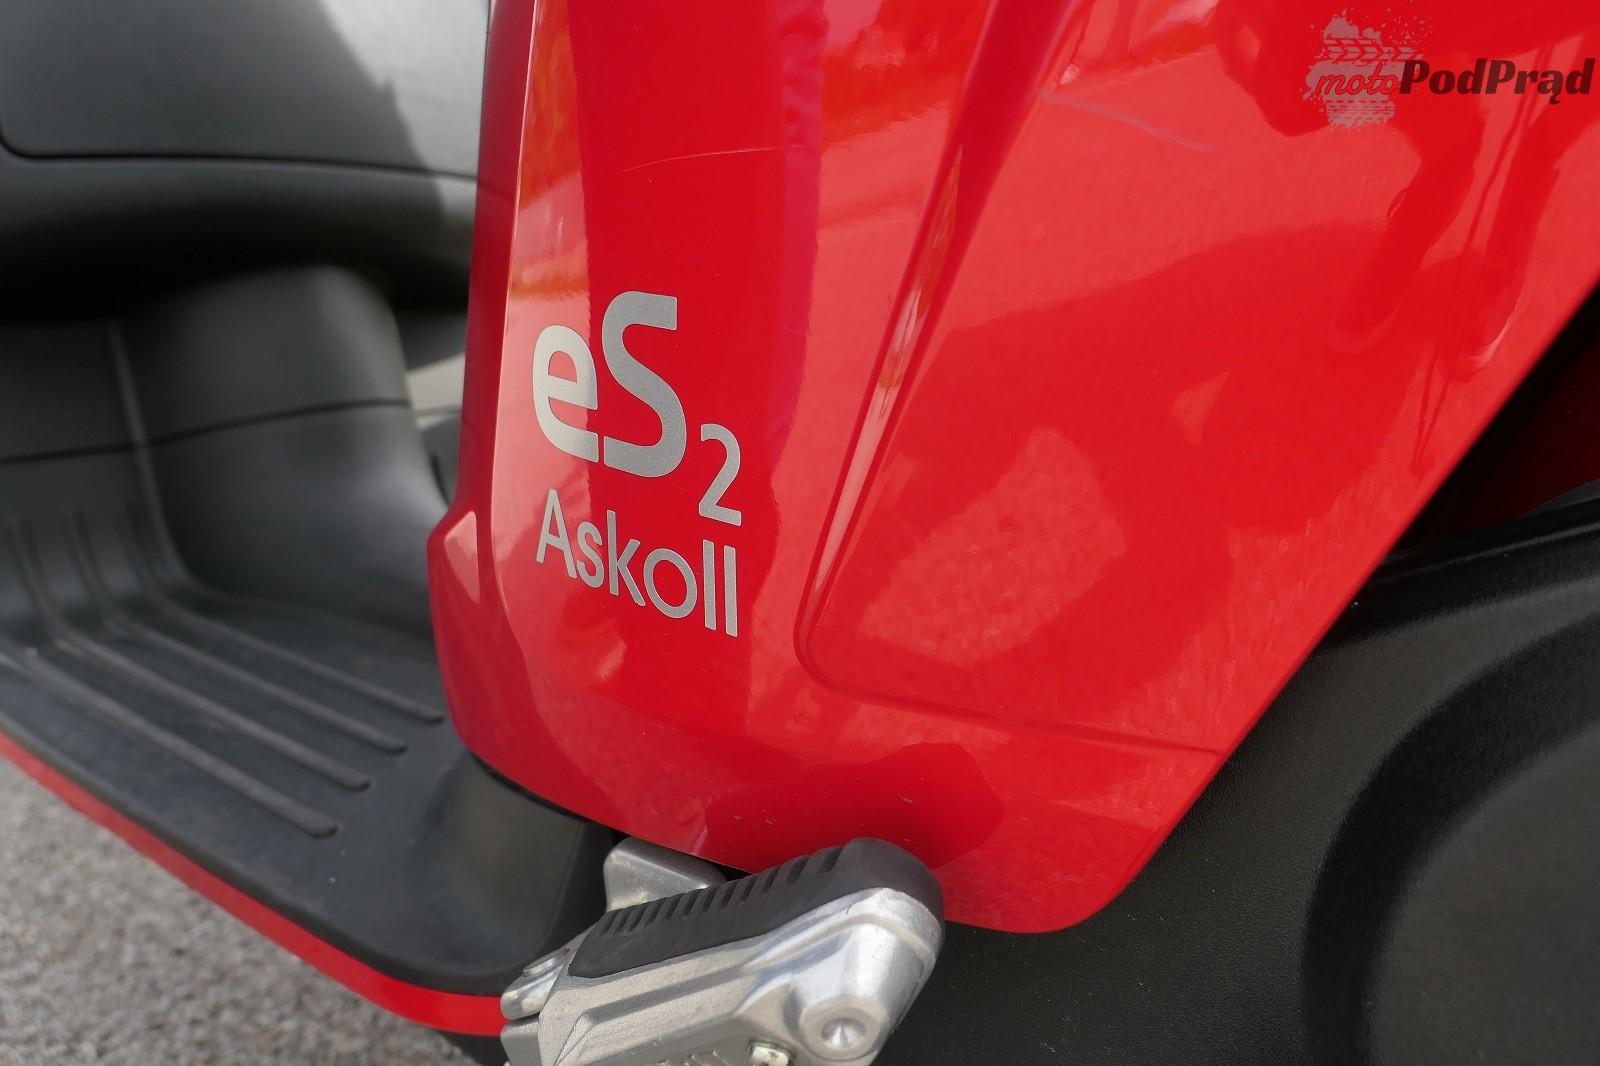 Askoll 10 Made in Italy   wizyta w fabryce skuterów i rowerów Askoll